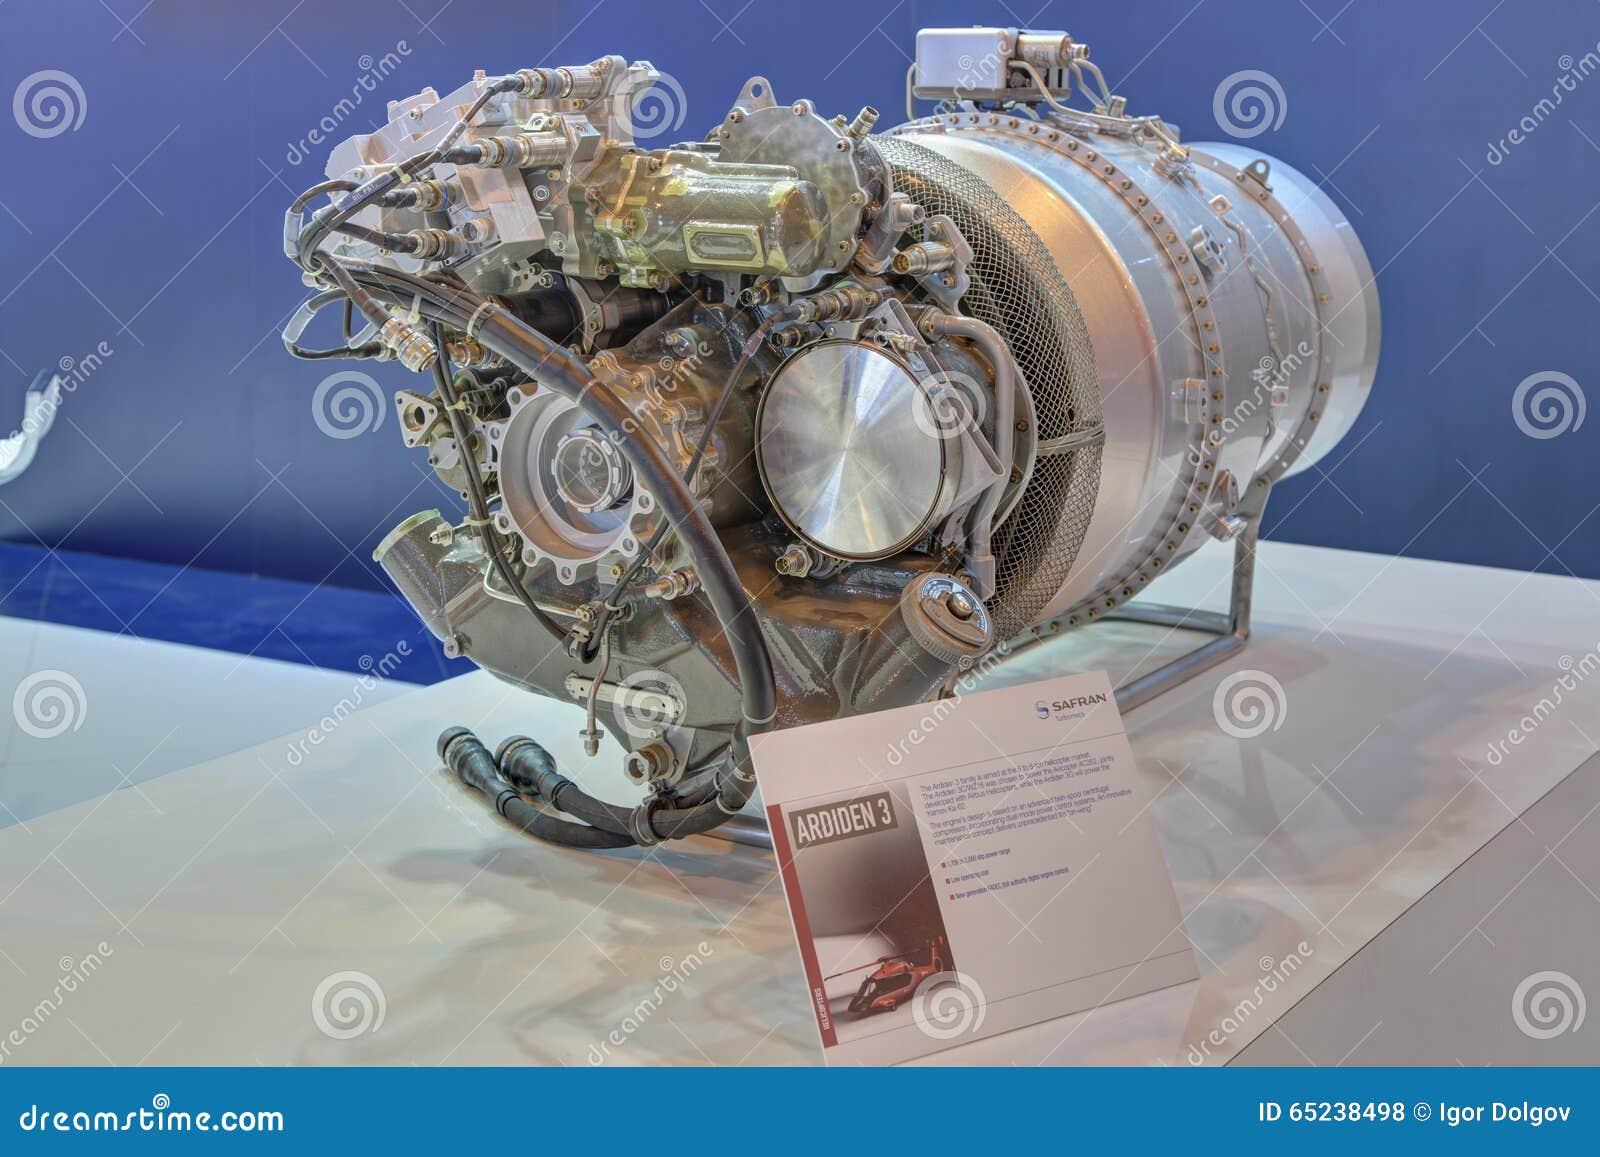 Elicottero A Reazione : Motore di albero trasmissione a reazione per l